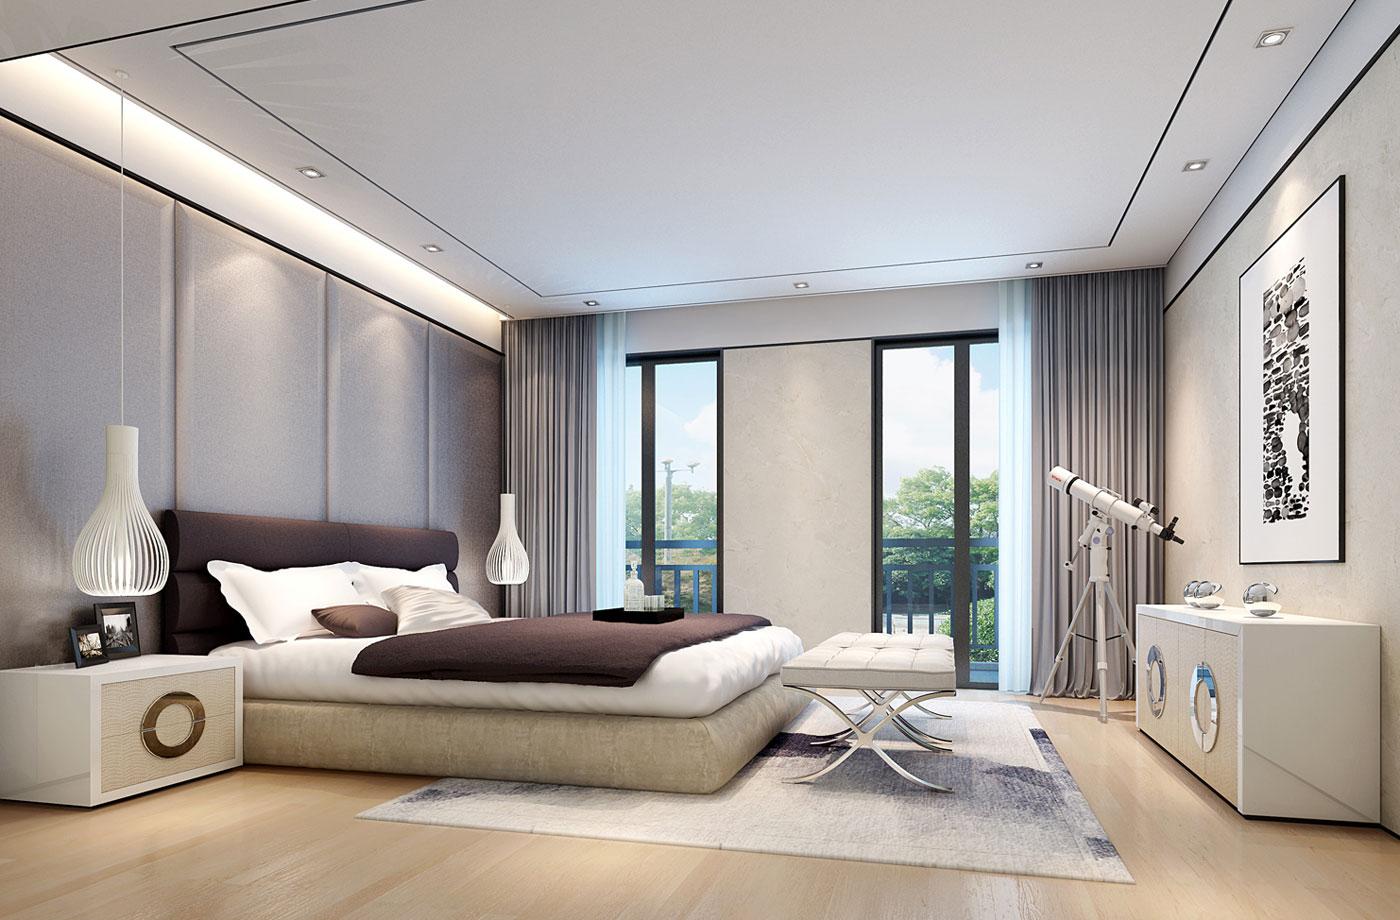 国投玖栋豪宅装修设计|现代新中式风格设计效果图